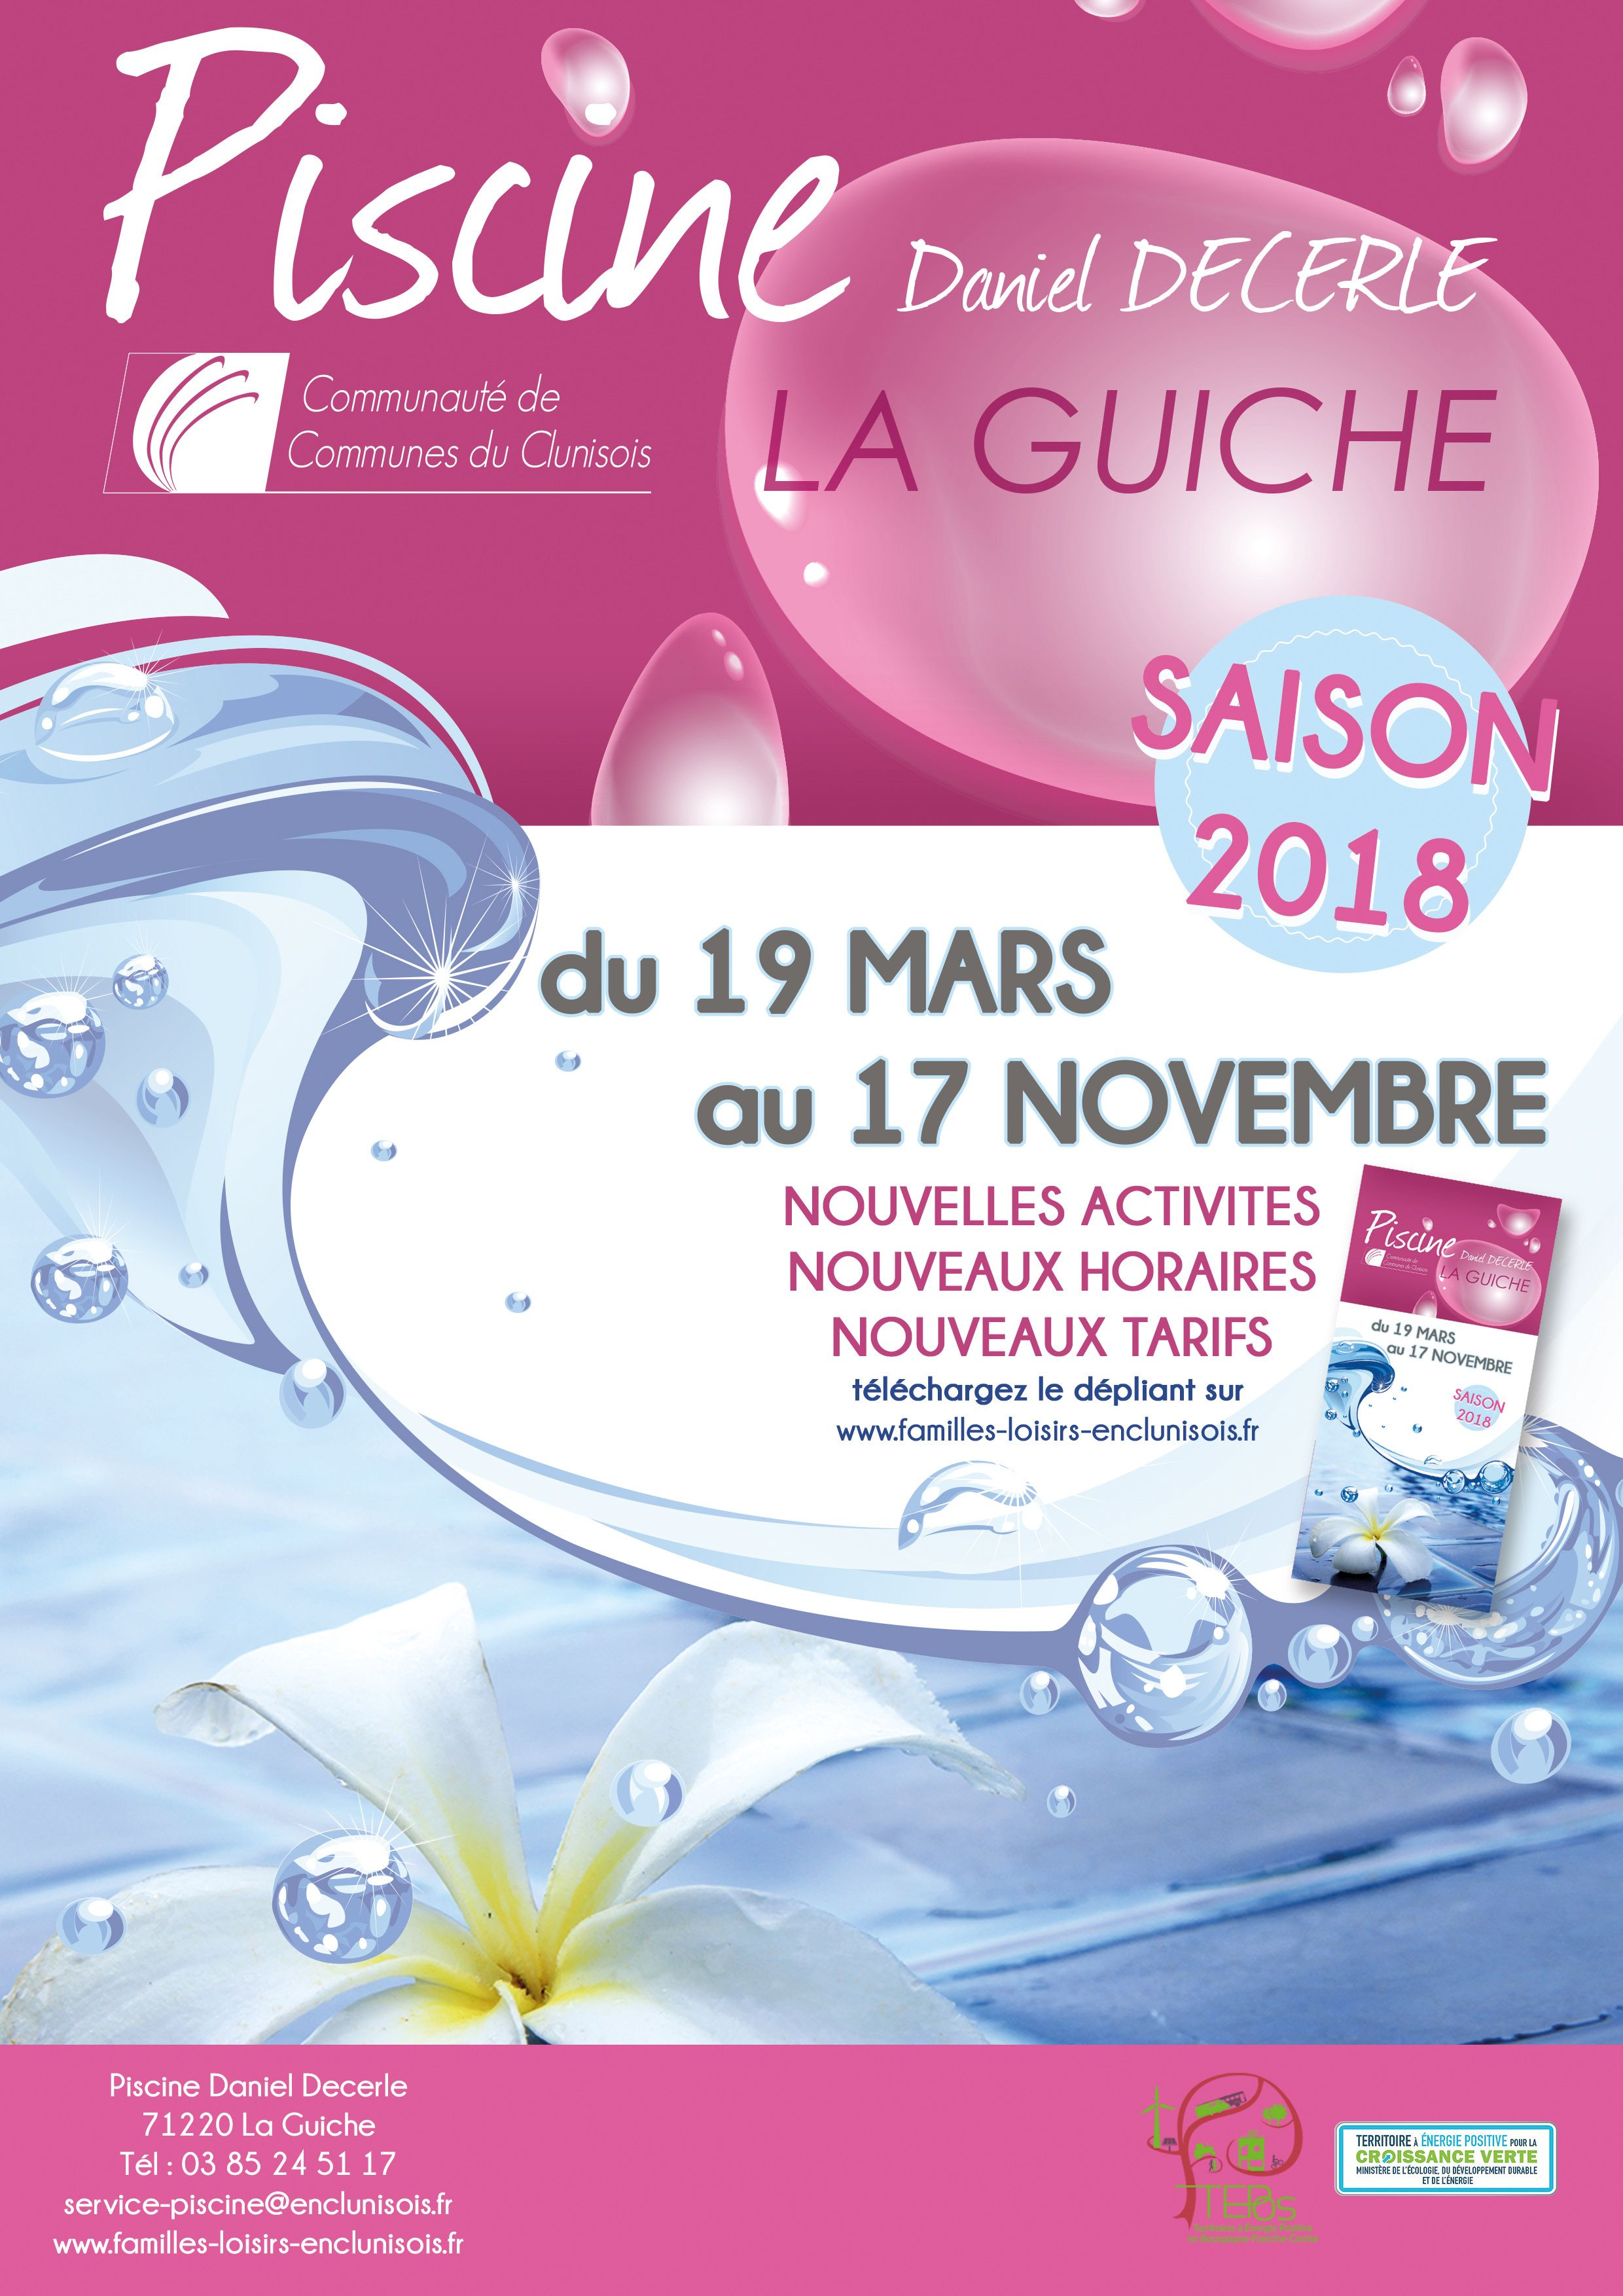 Ouverture De La Piscine De La Guiche Pour La Saison 2018 Le 19